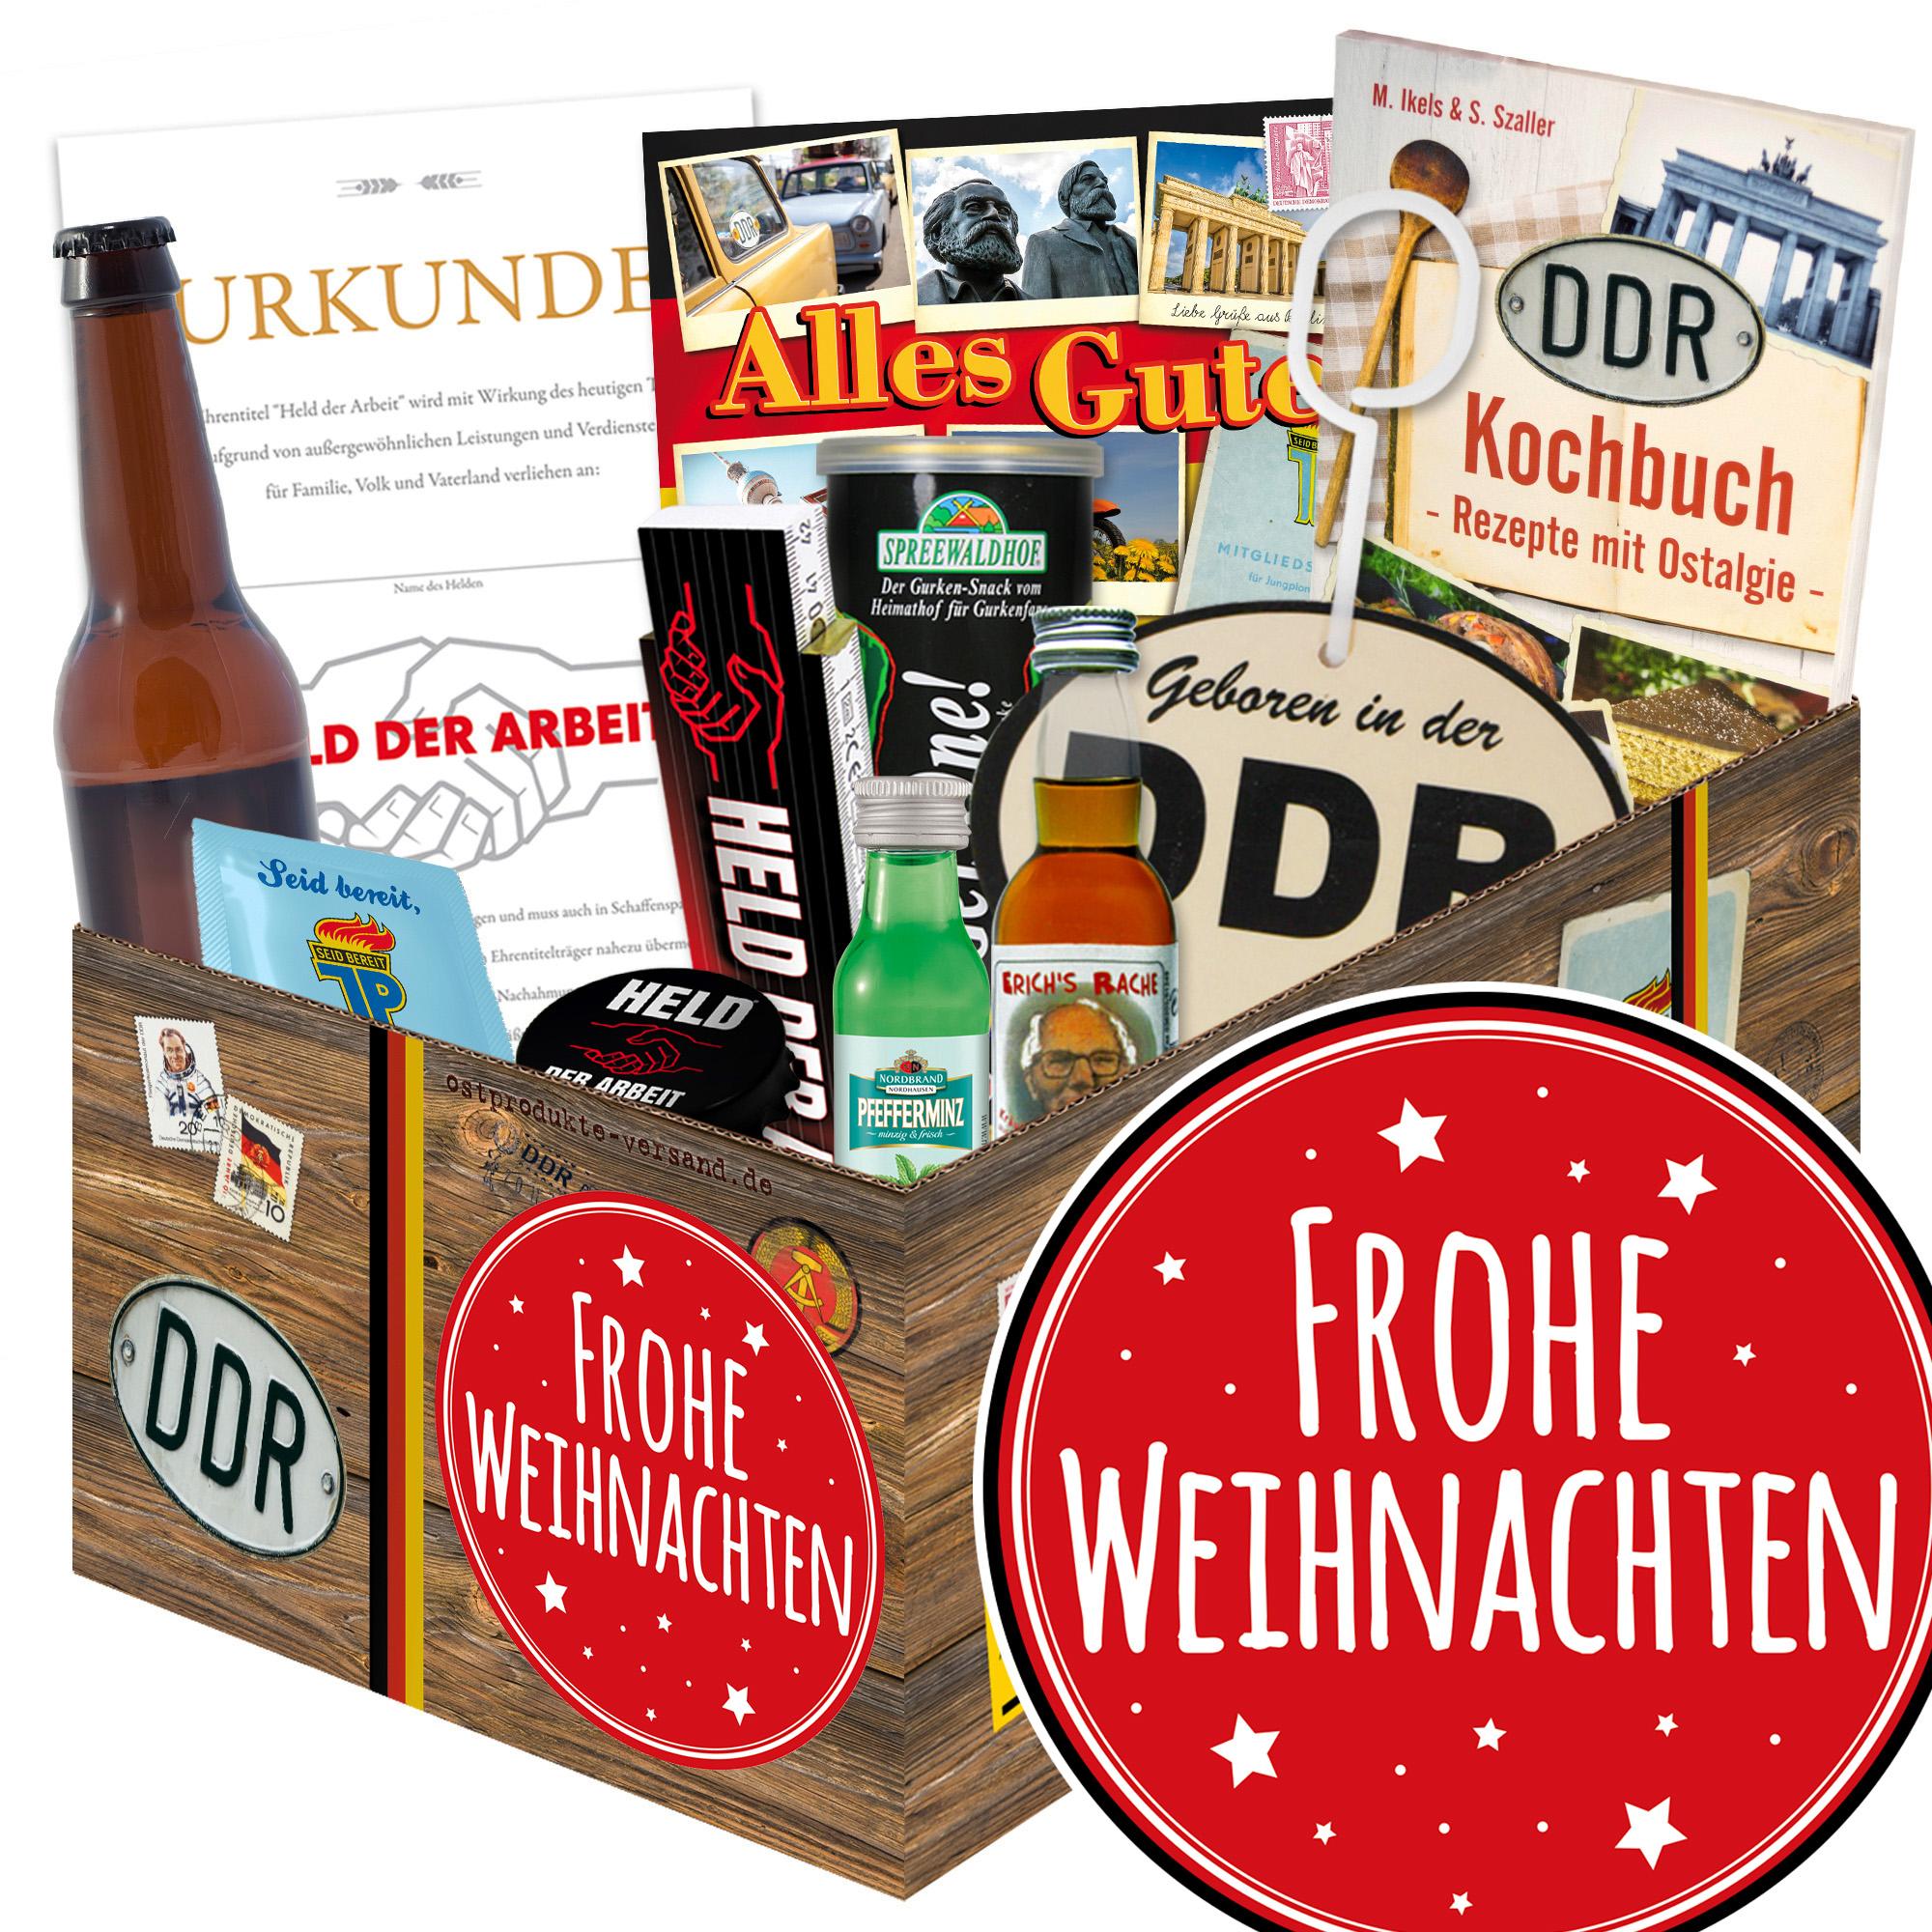 Frohe Weihnachten Männer Bilder.Details Zu Frohe Weihnachten Weihnachtsgeschenk Für Männer Nostalgie Box Für Männer